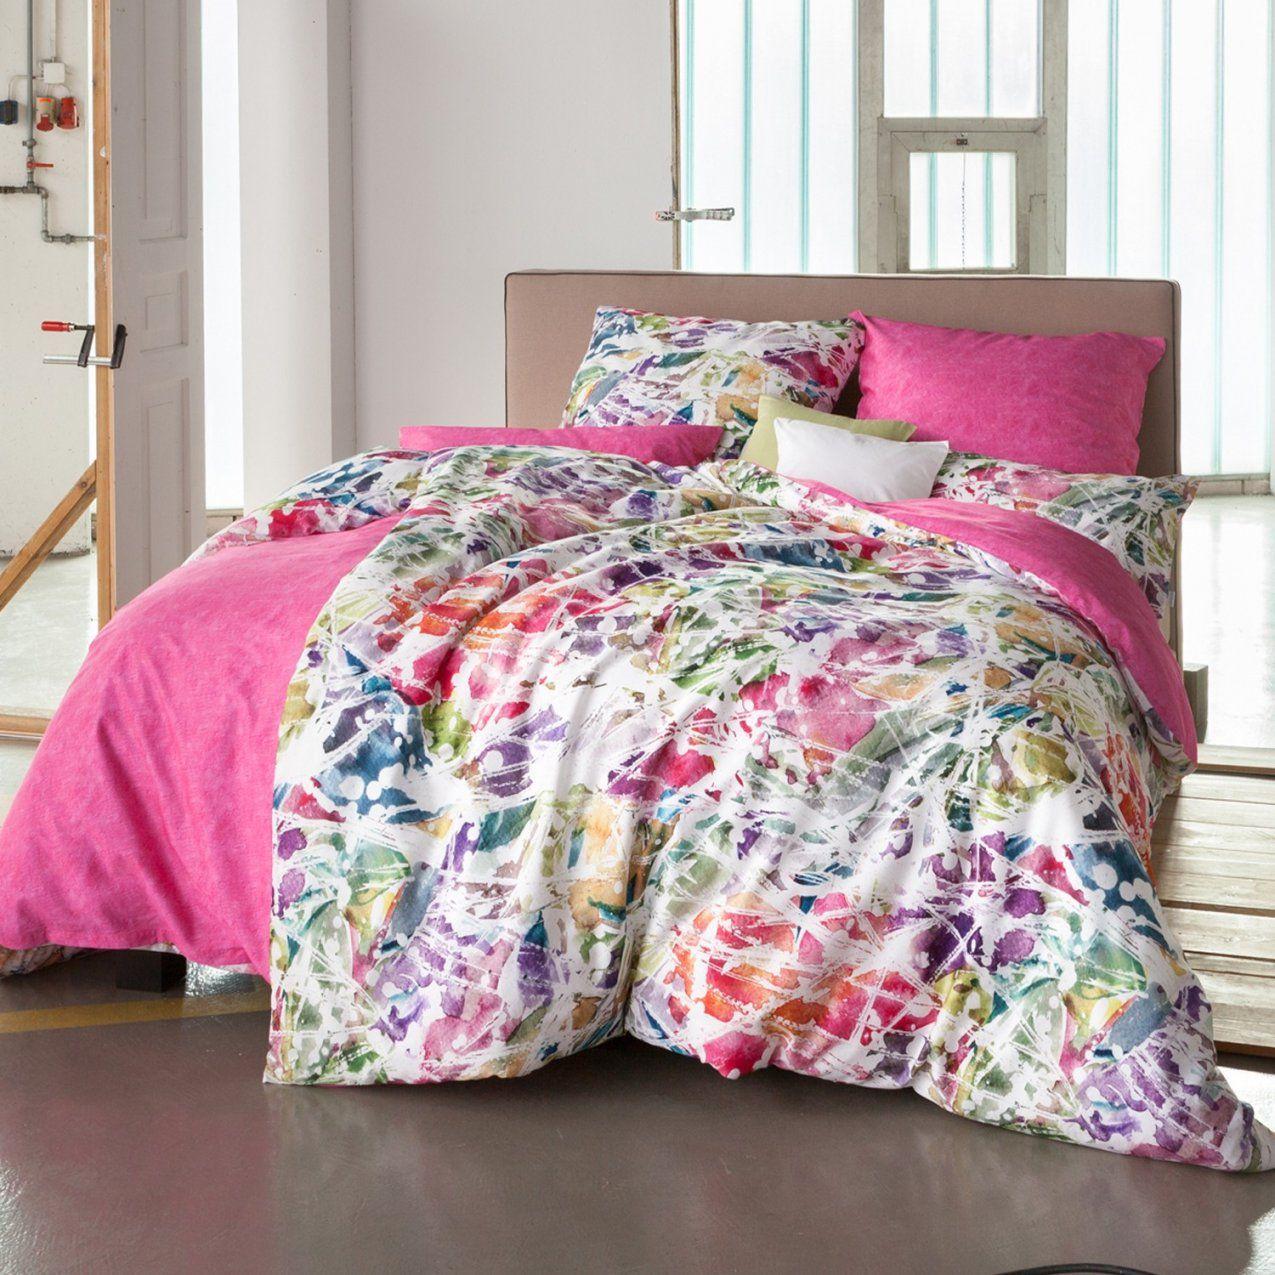 Stilvoll Bettwäsche 200X220 Esprit  Bettwäsche Ideen von Esprit Bettwäsche 200X220 Bild